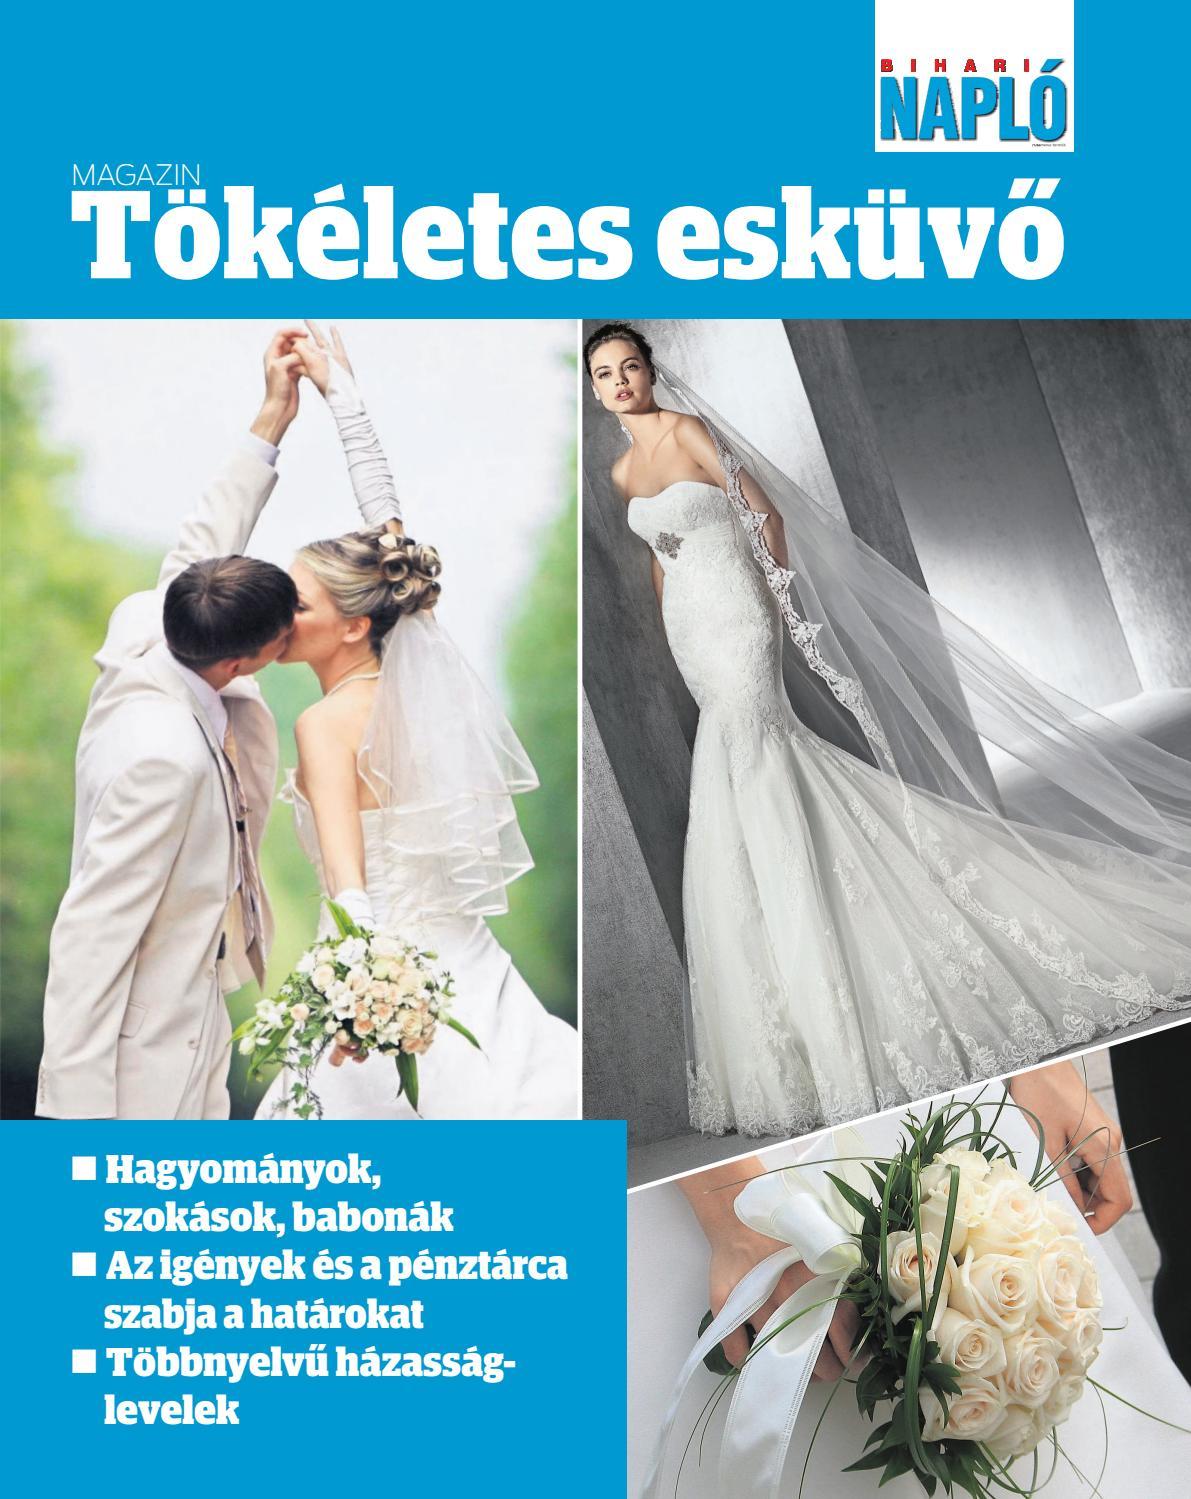 Házassági hagyományok